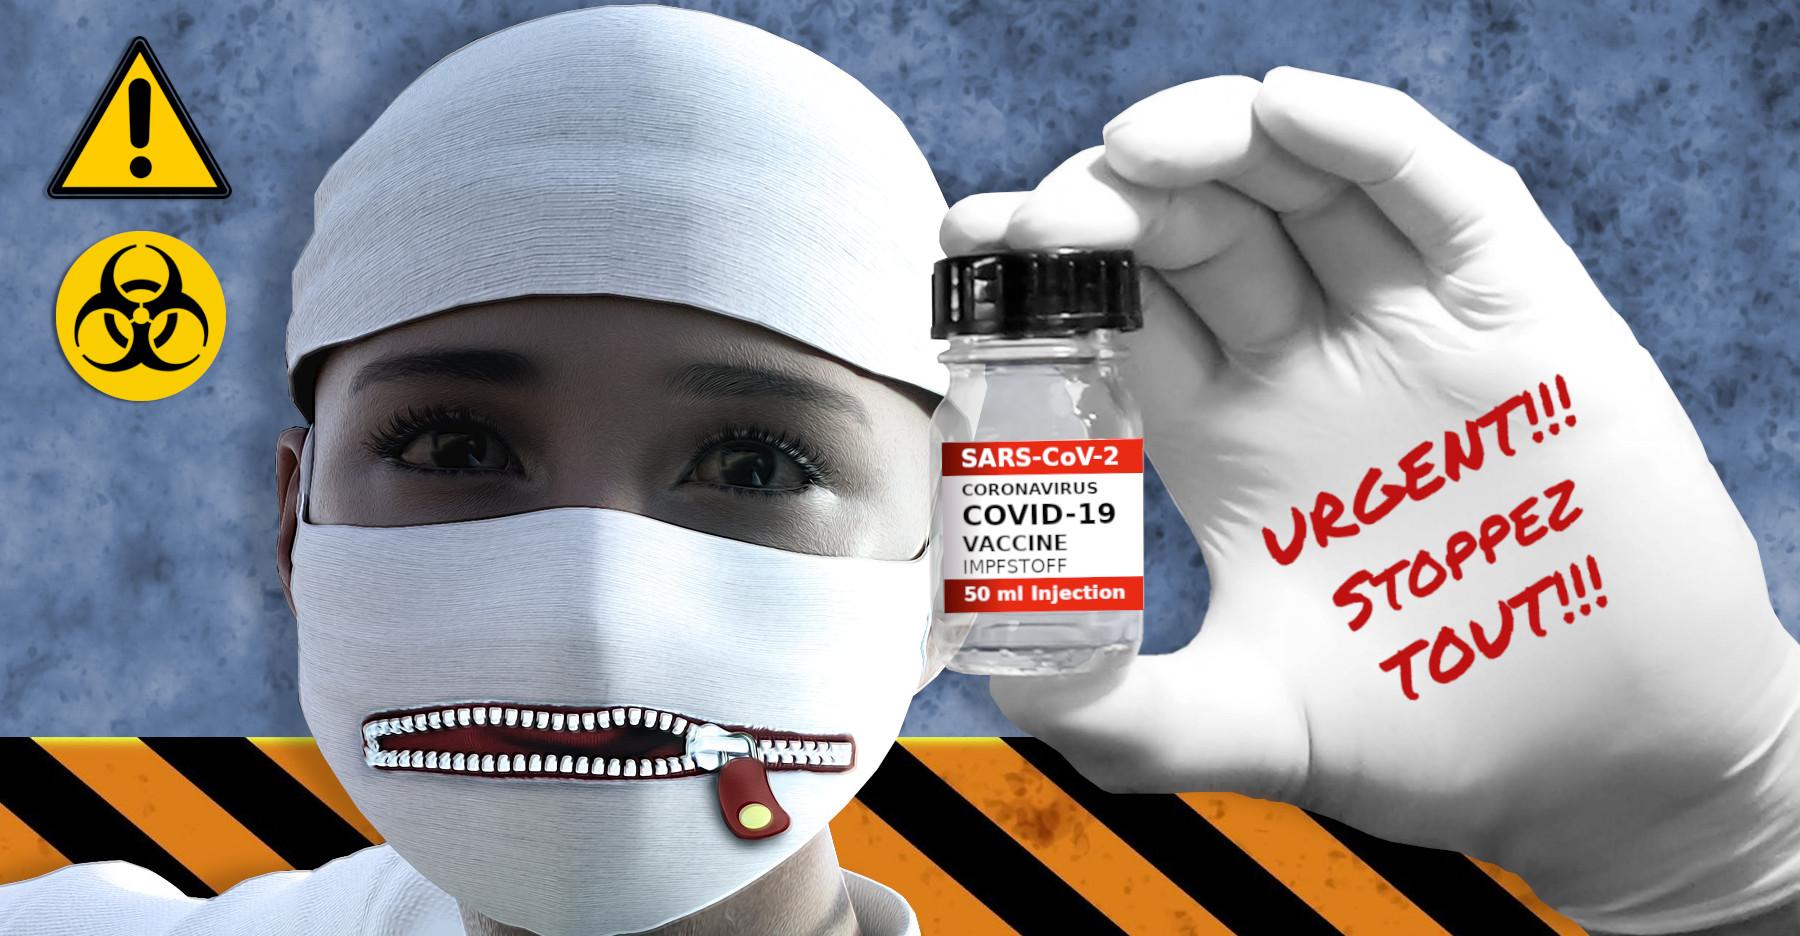 URGENT!!! Stoppez les vaccins!!!